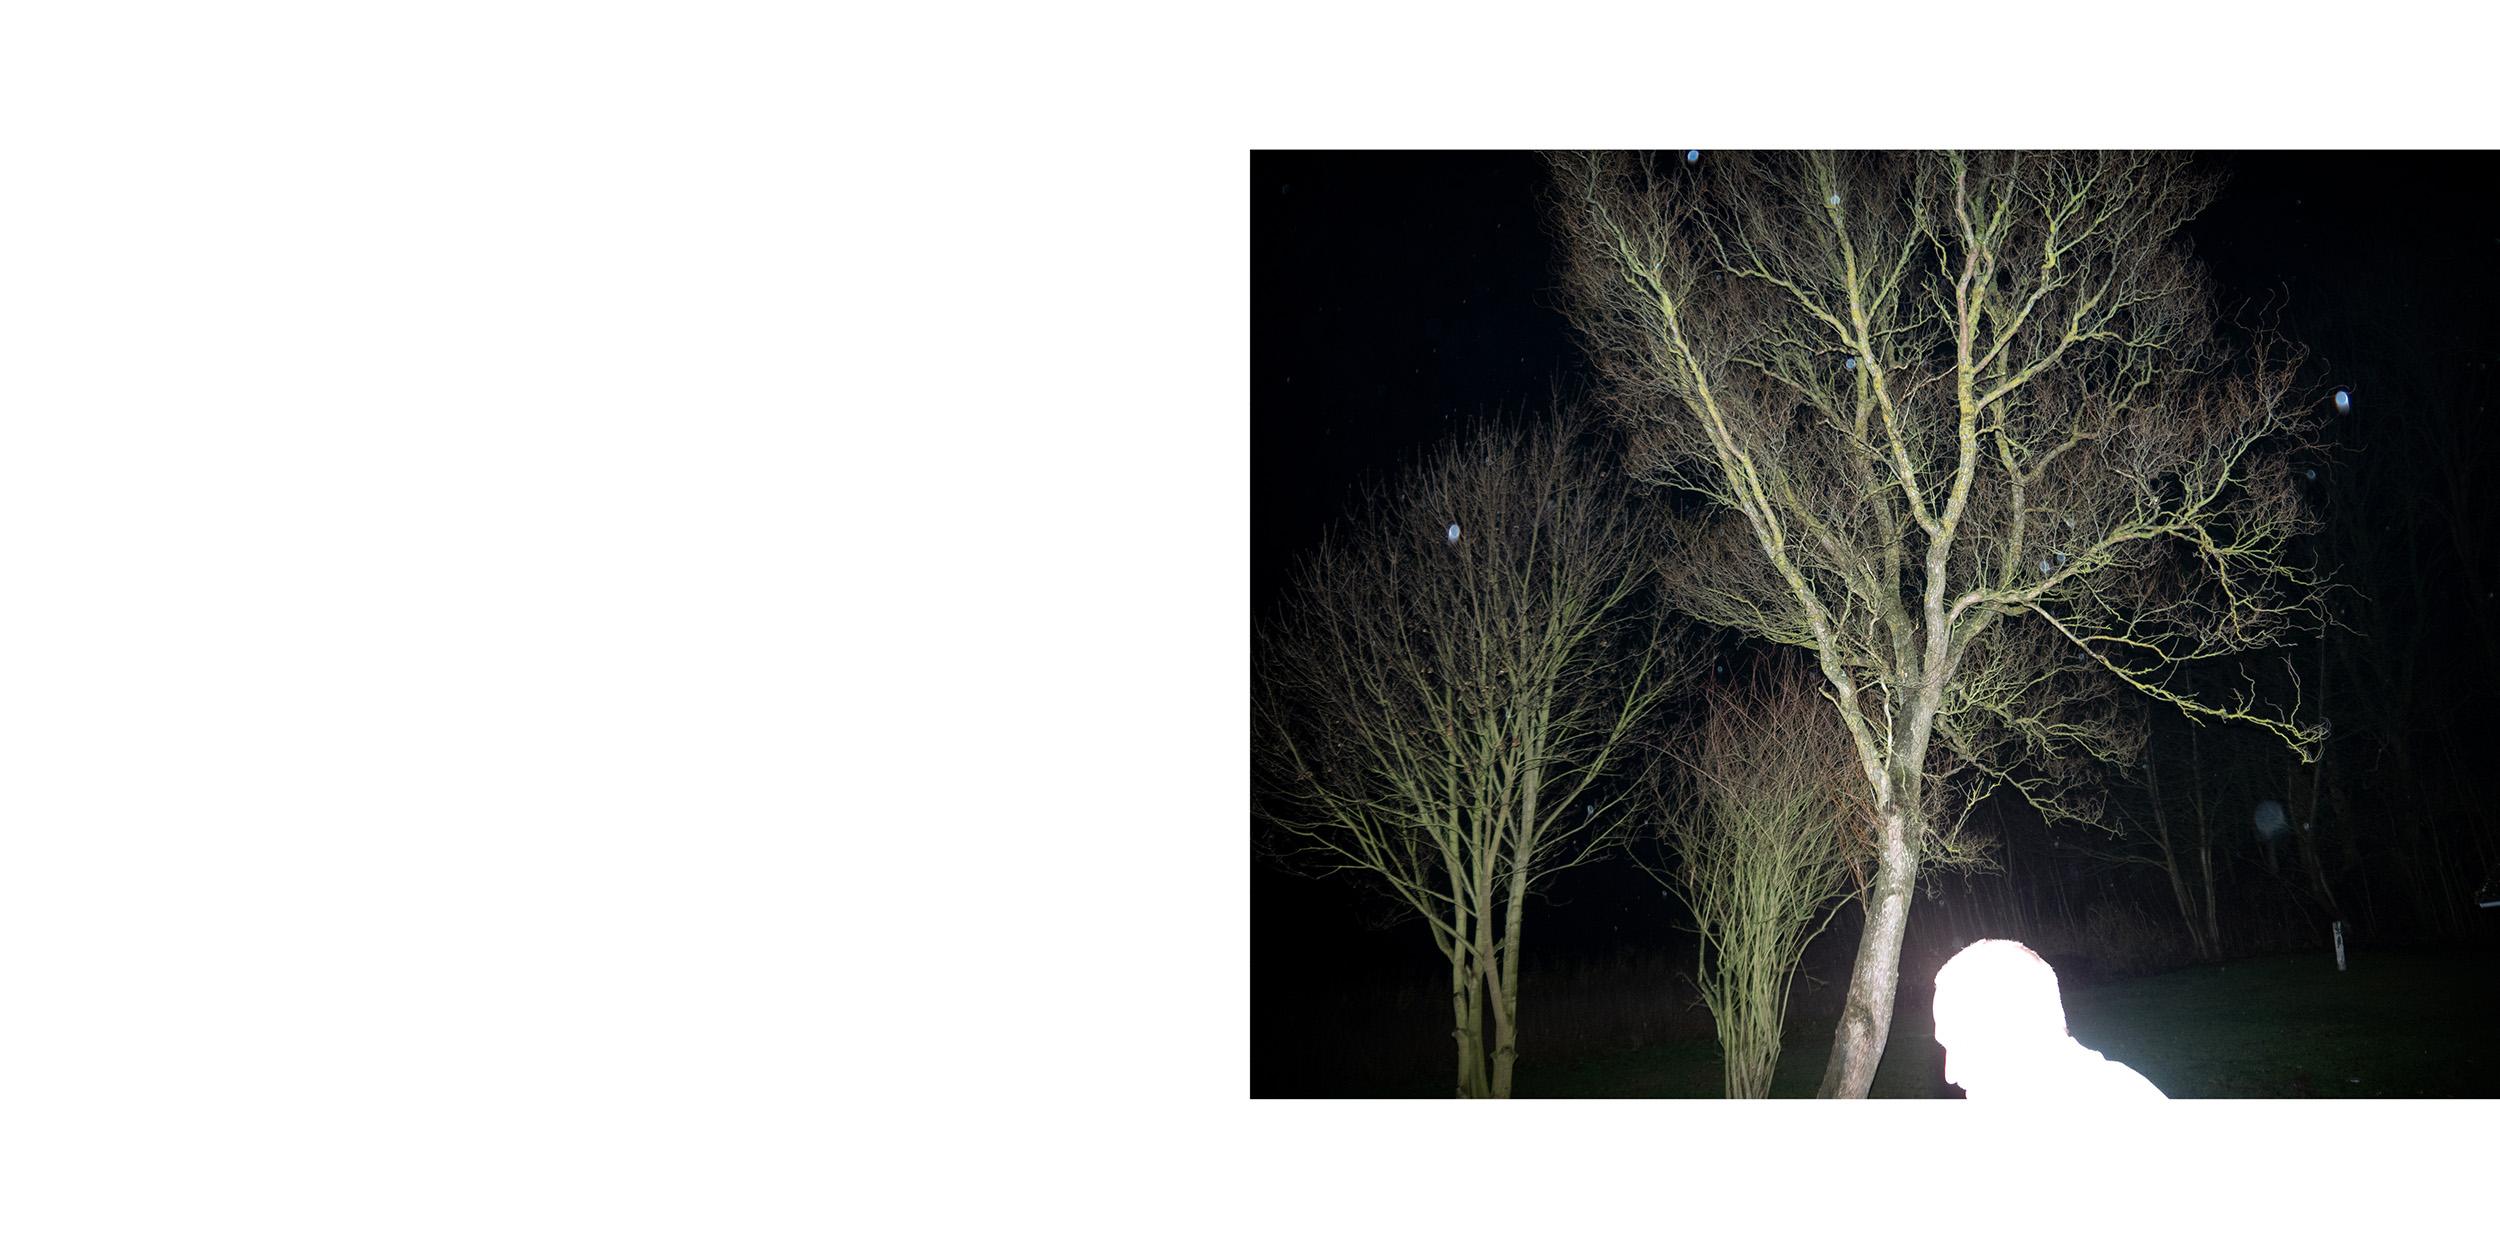 fotoskolen fatamorgana_24-25.jpg